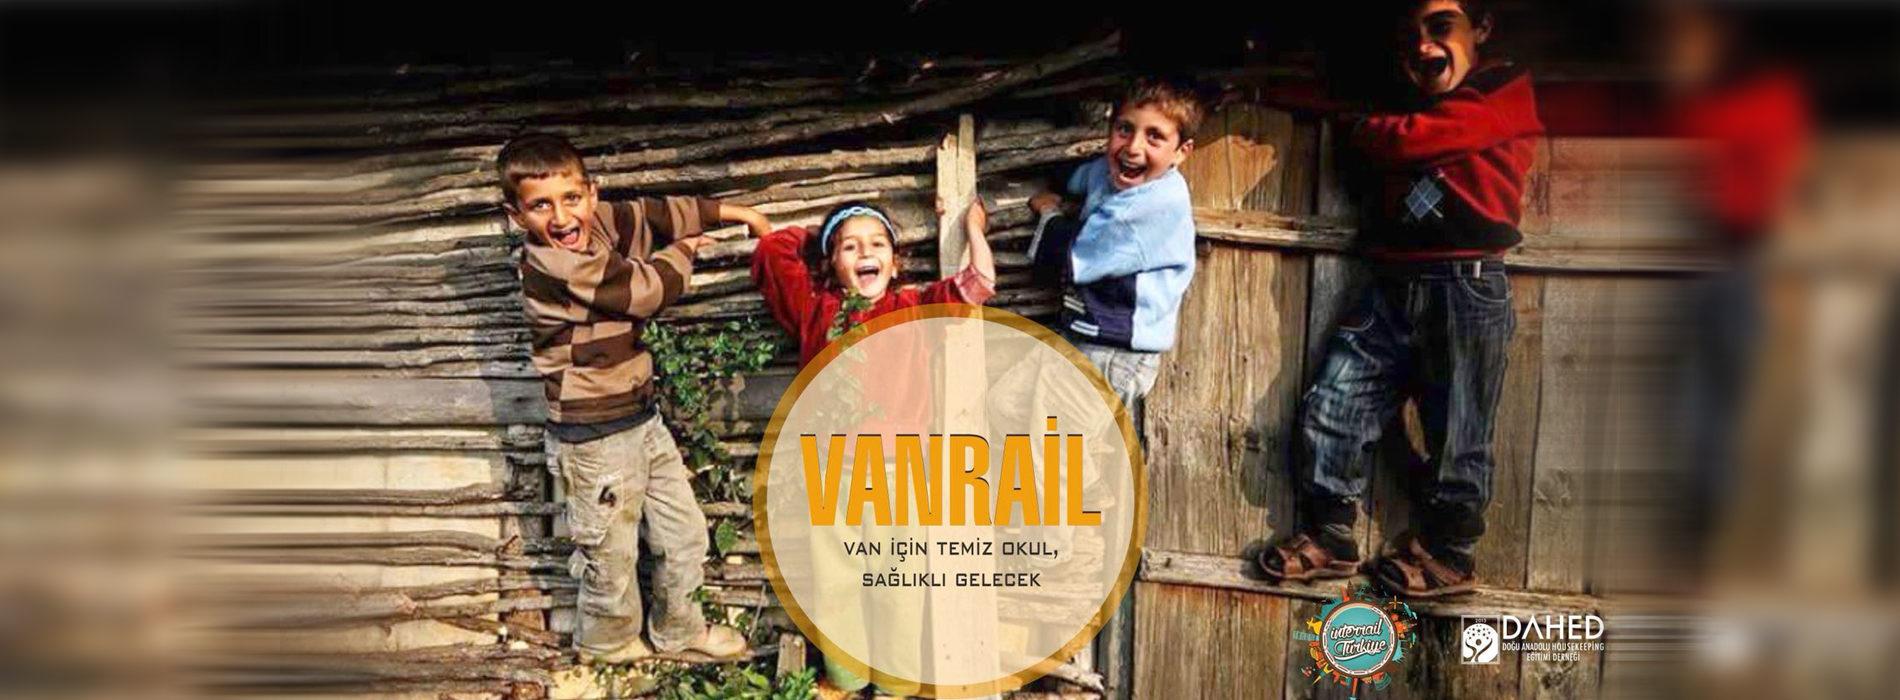 VanRail Yardımı